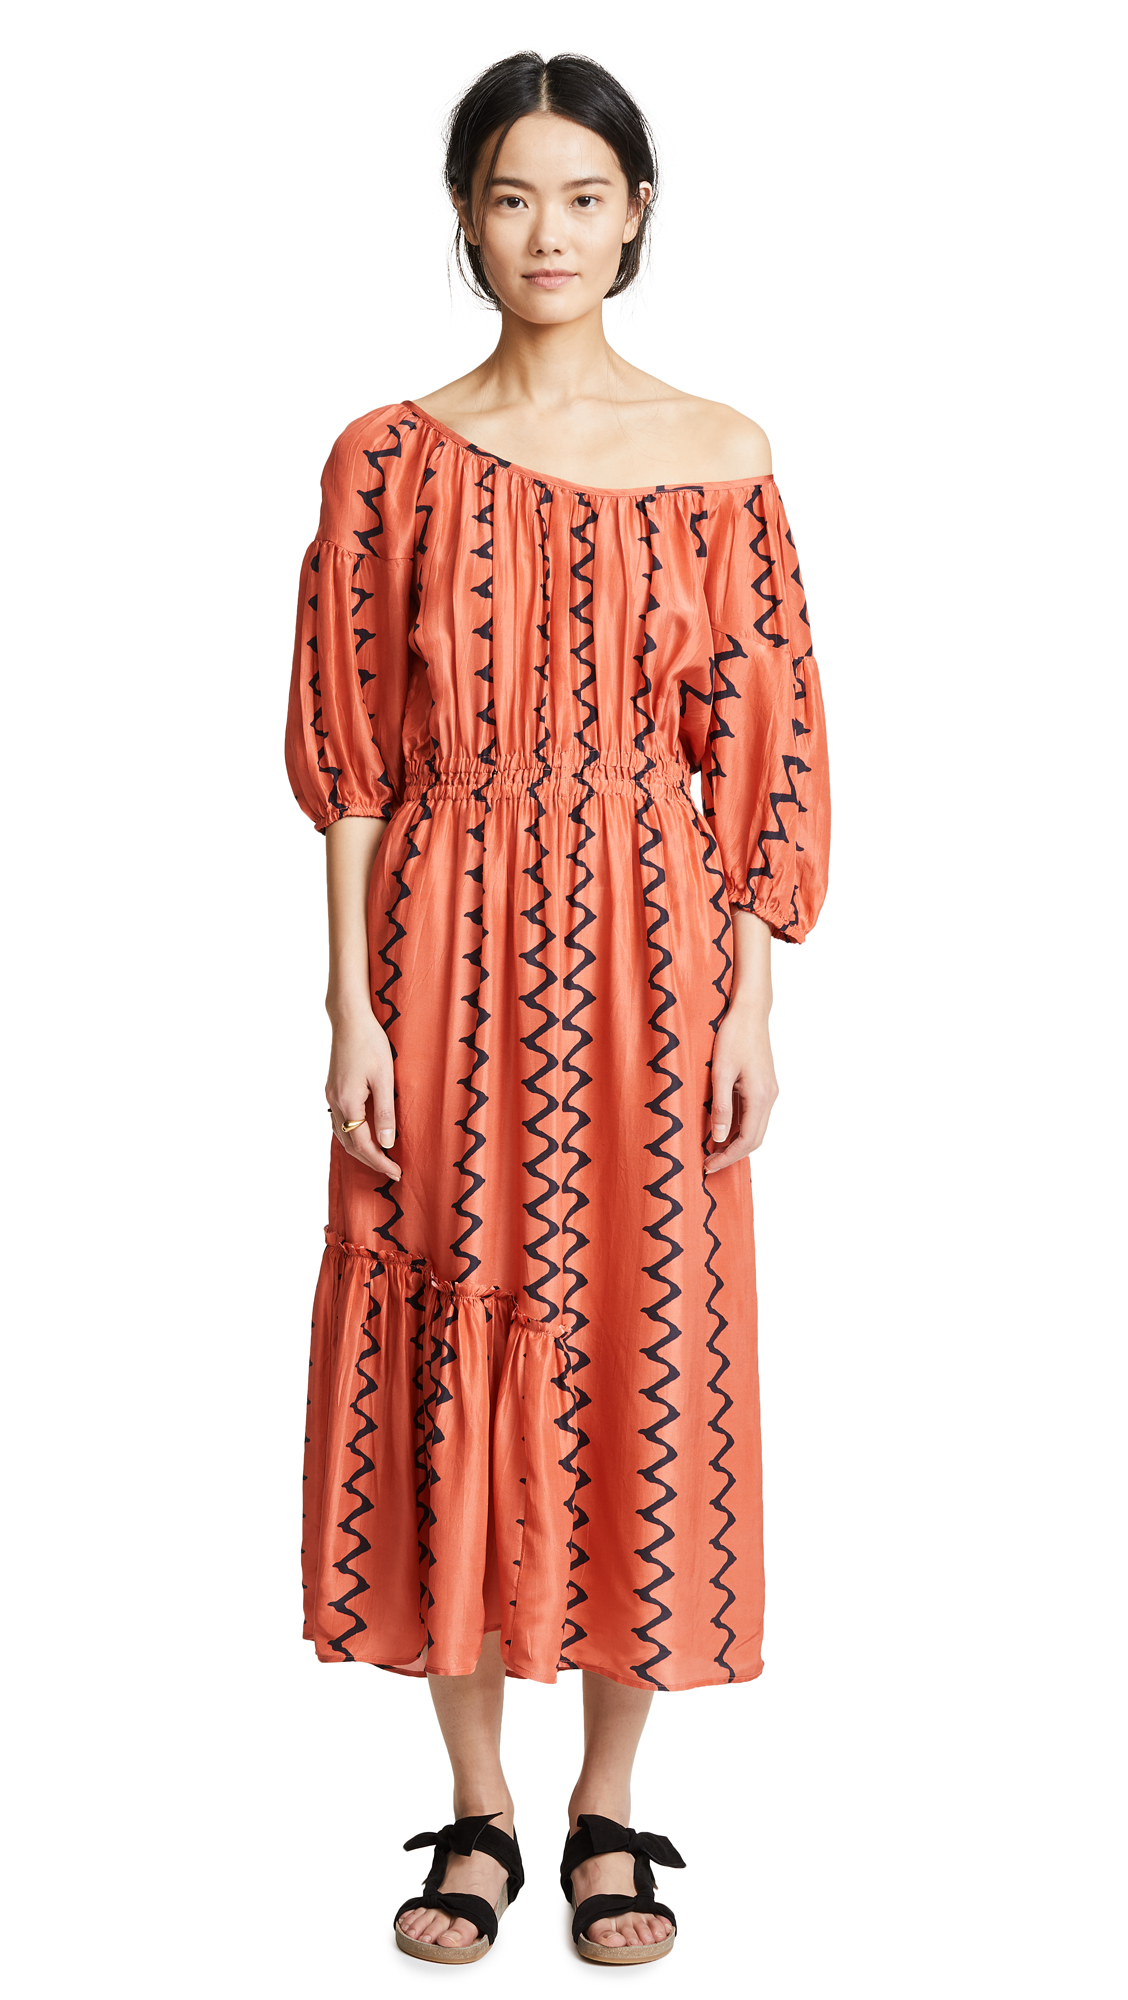 Apiece Apart Camellia One Shoulder Dress